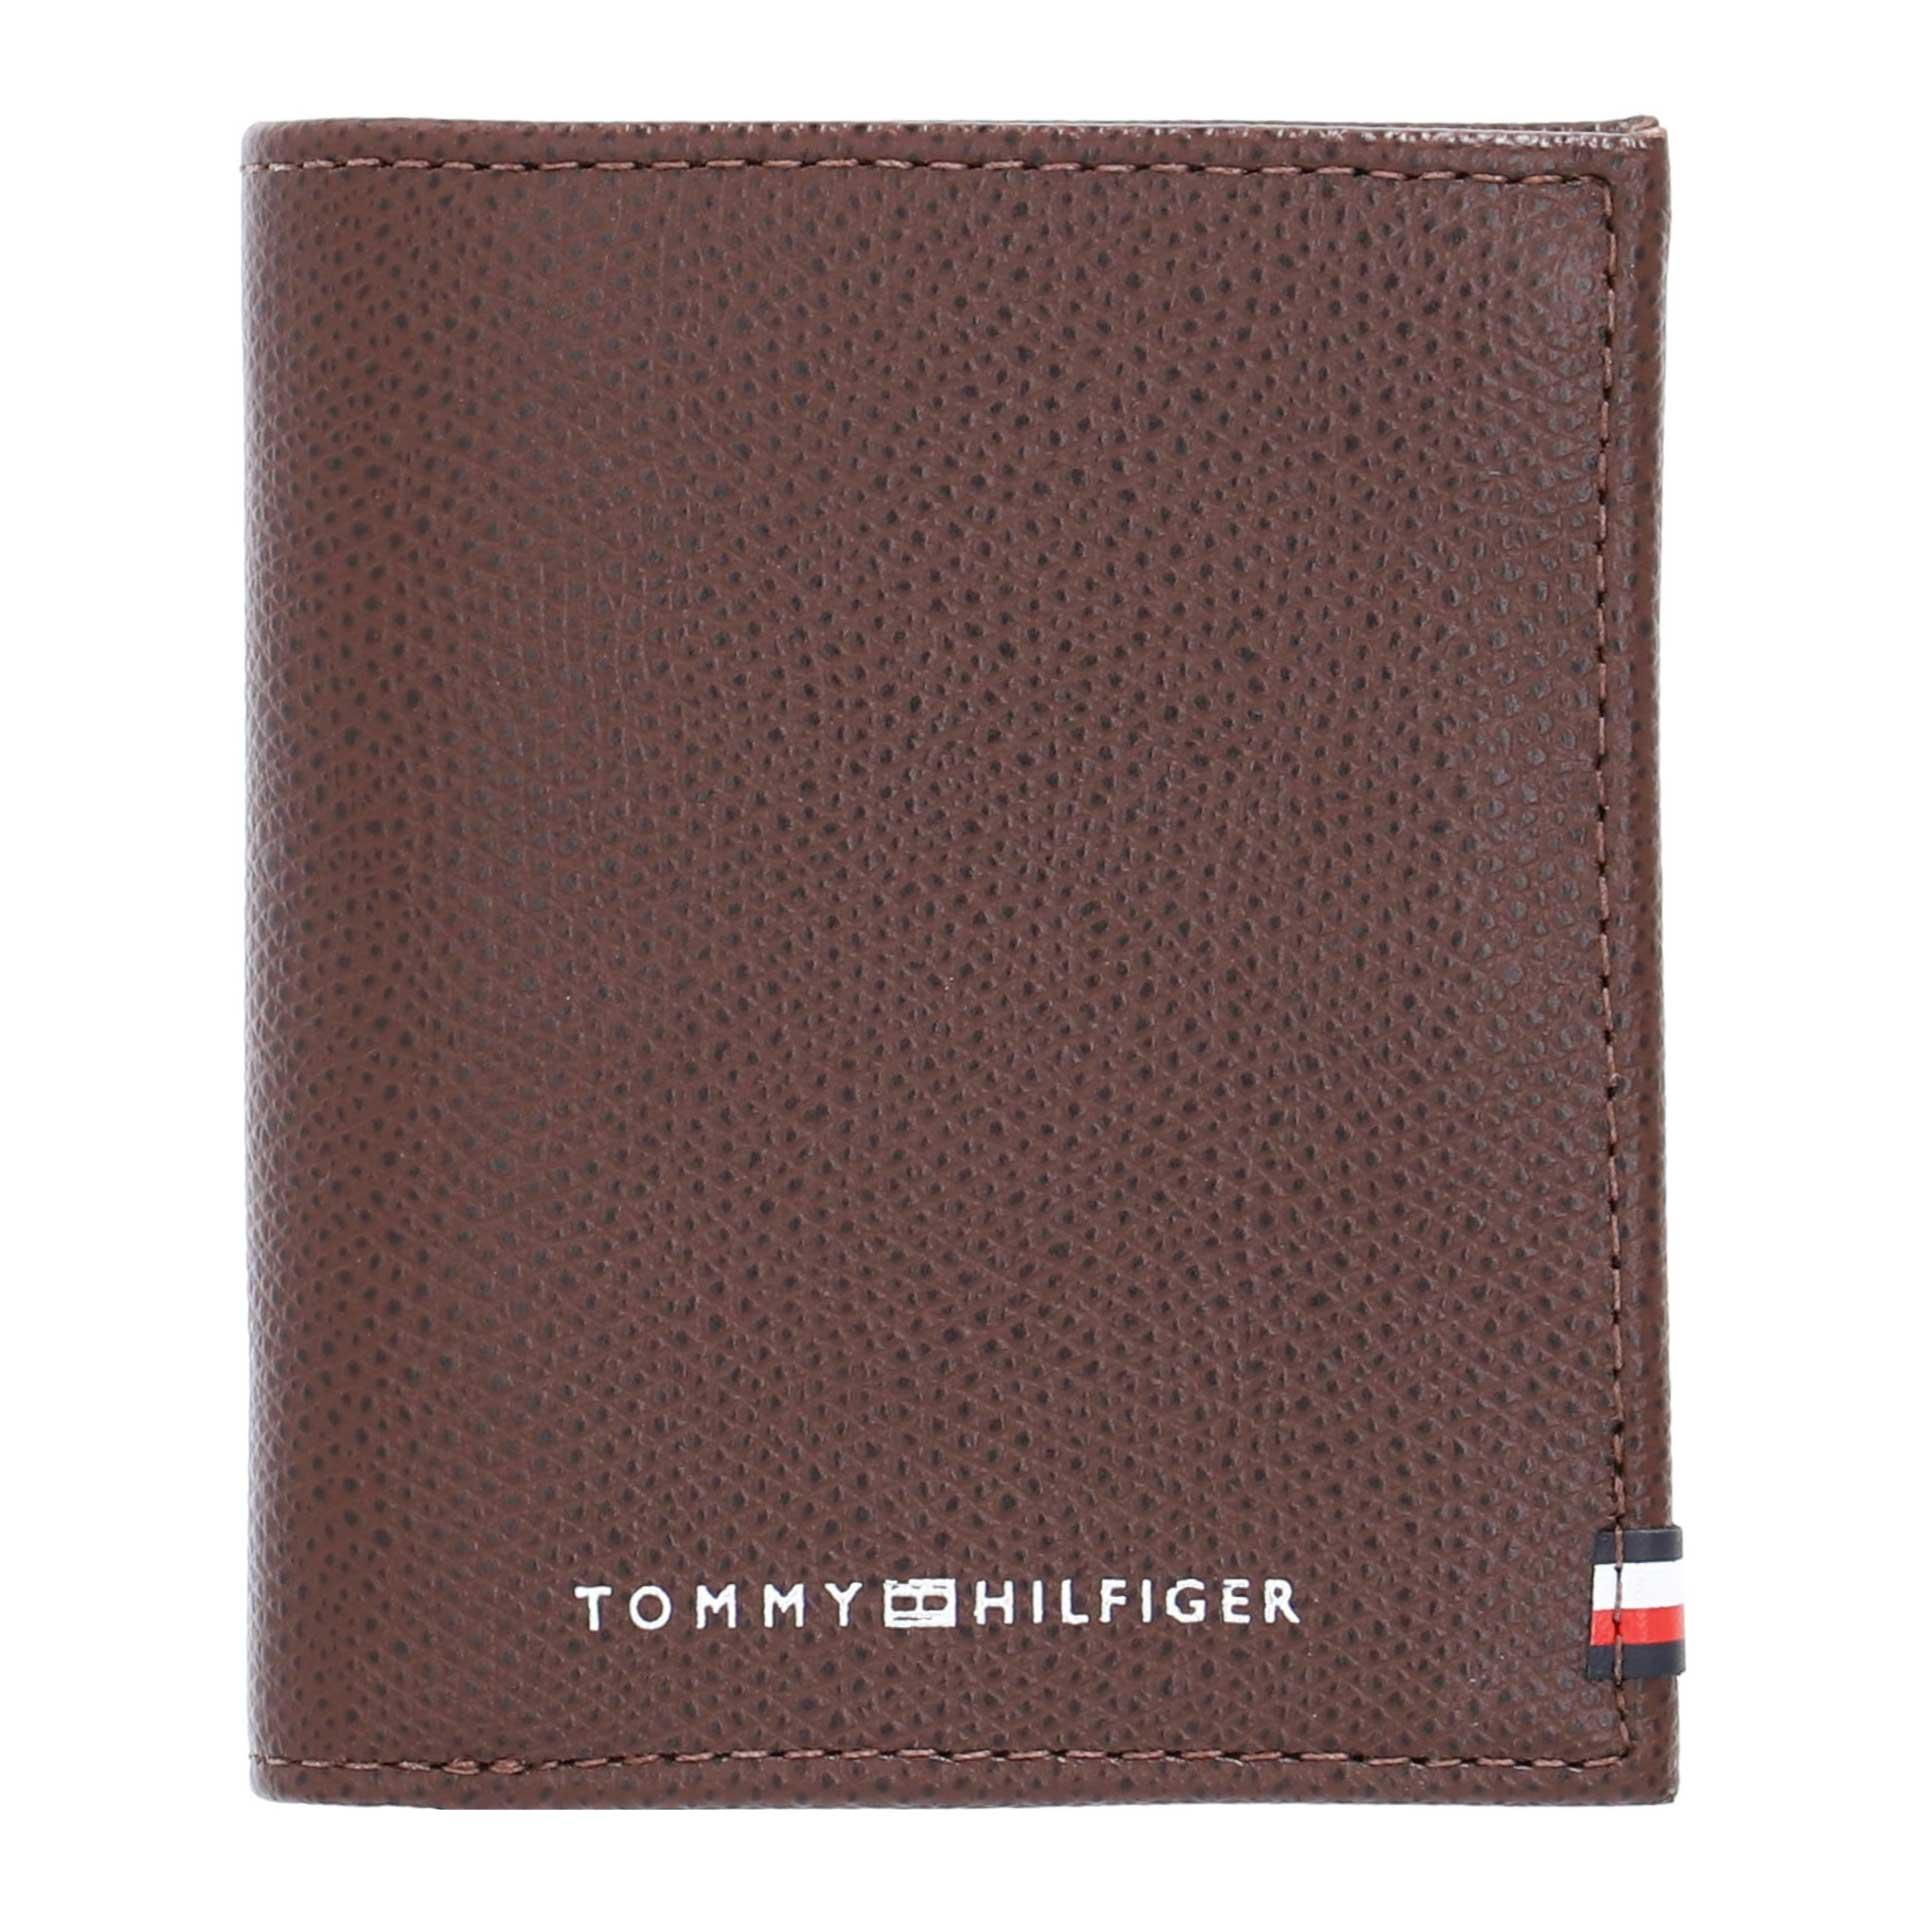 Tommy Hilfiger Business Herren Geldbörse chestnut